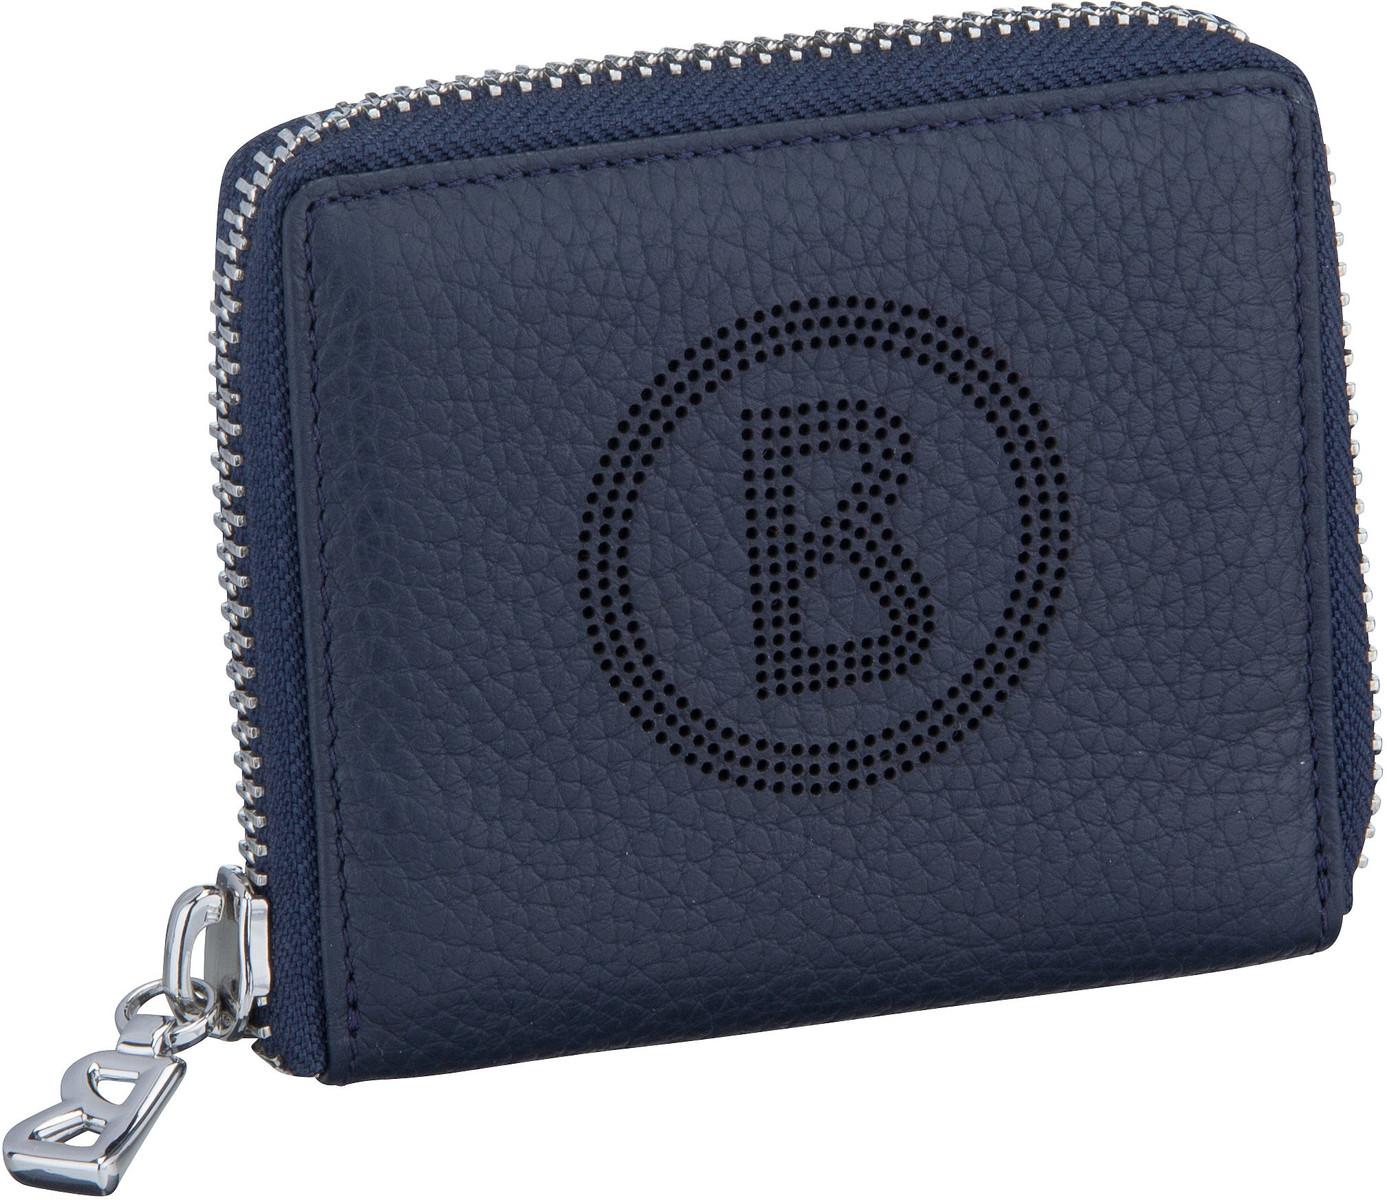 Geldboersen - Bogner Geldbörse Sulden Dama Purse SH6Z Dark Blue  - Onlineshop Taschenkaufhaus